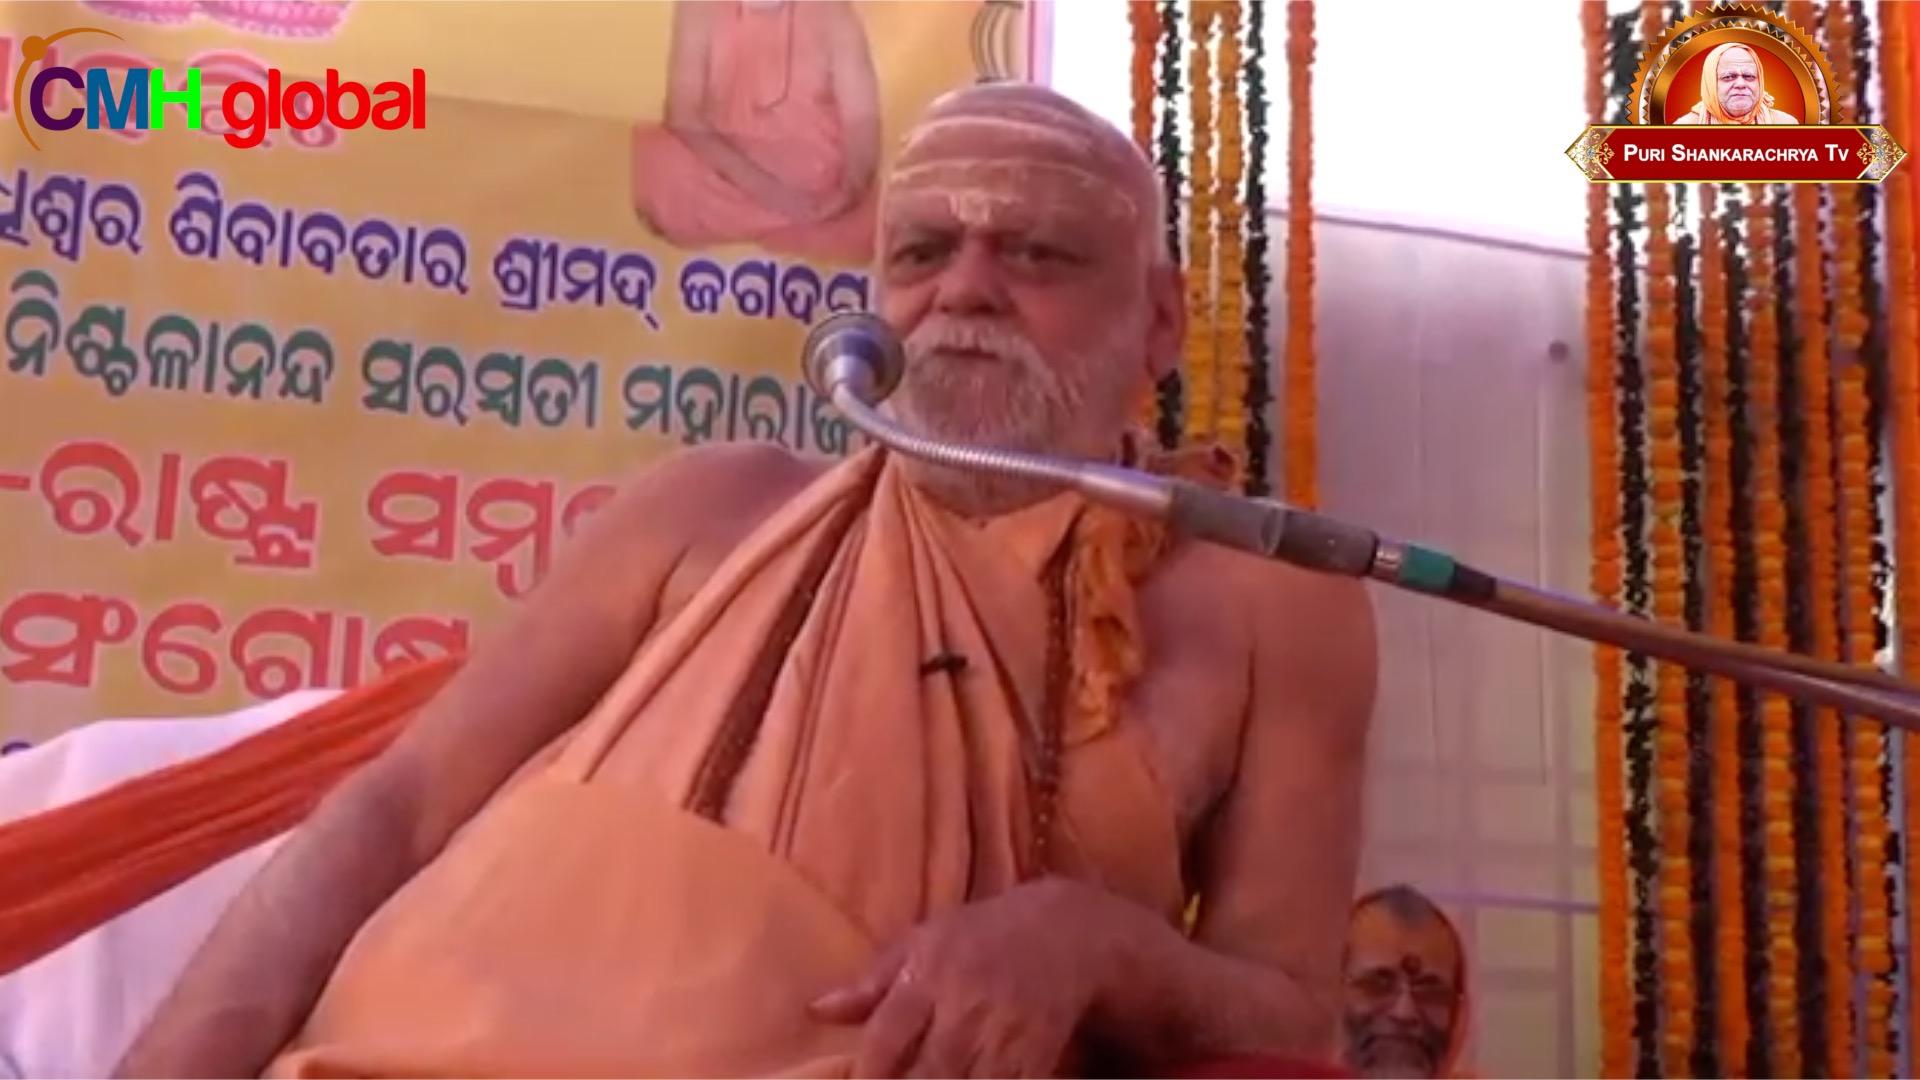 Gyan Dhara Ep -15 by Puri Shankaracharya Swami Nishchalananda Saraswati Ji